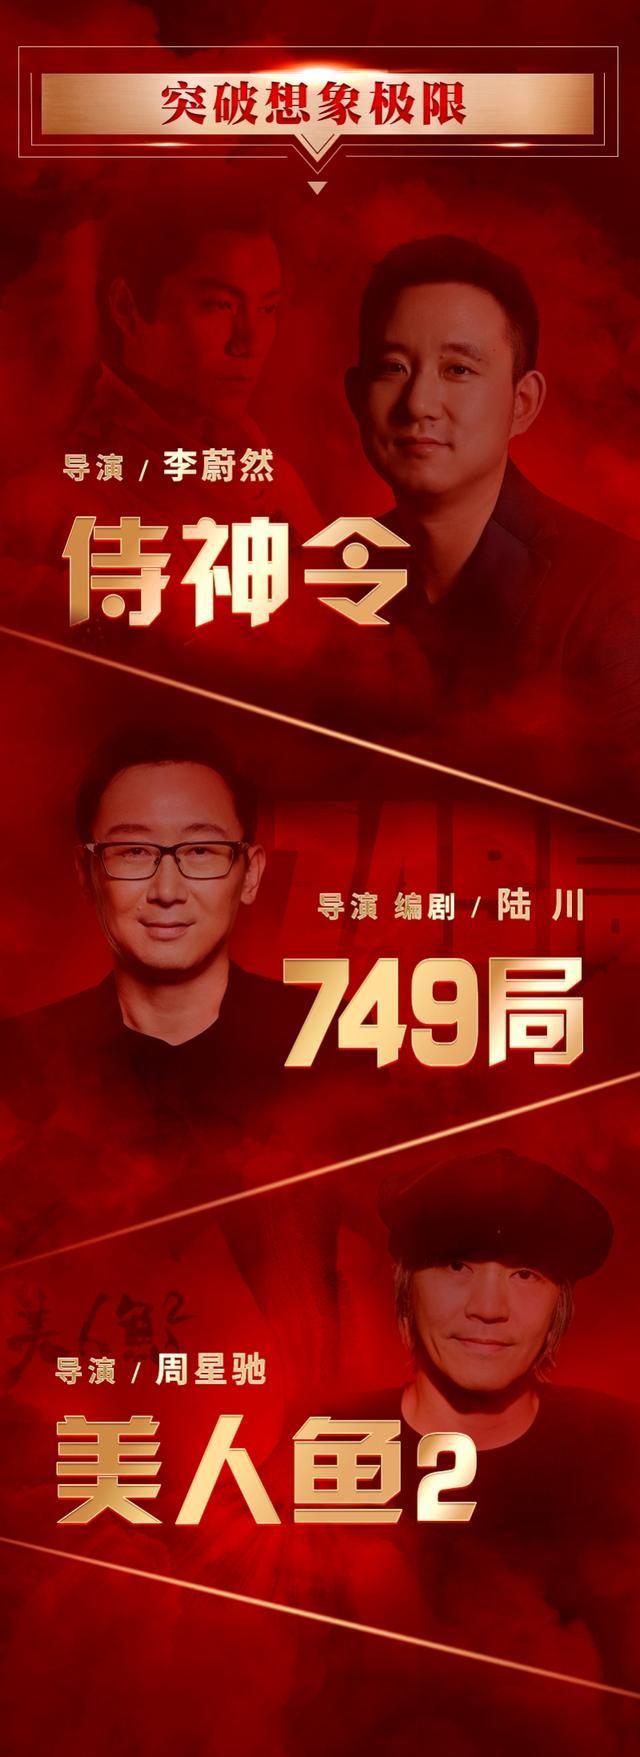 华谊兄弟18部新片公布,陆川周星驰贾樟柯新片都有-第3张